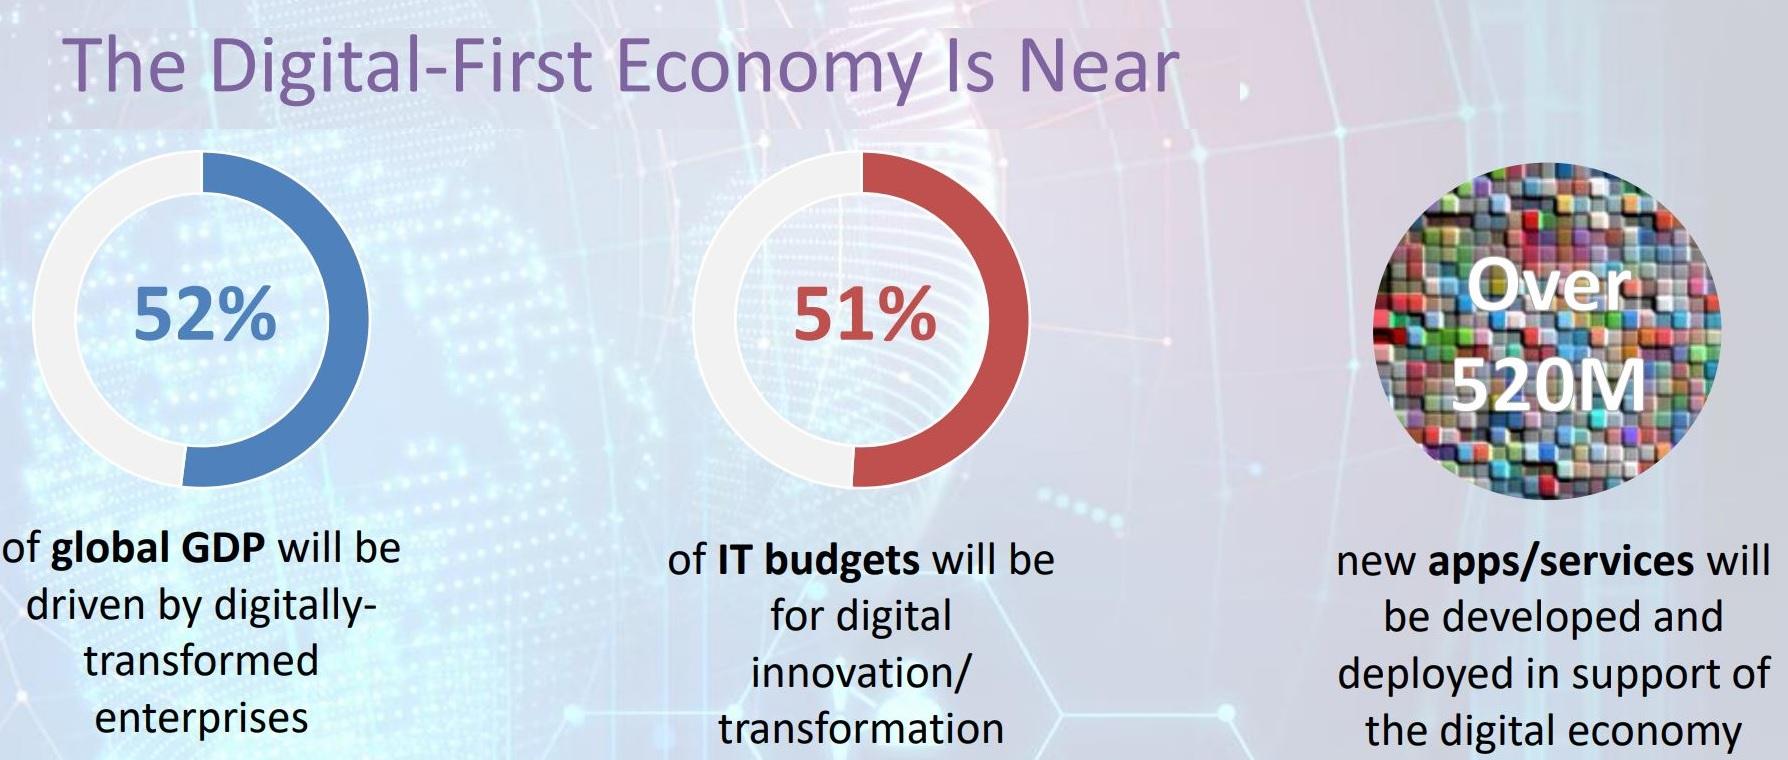 Digital-first og innovation. Kilde og copyright: IDC CxO directions 2020